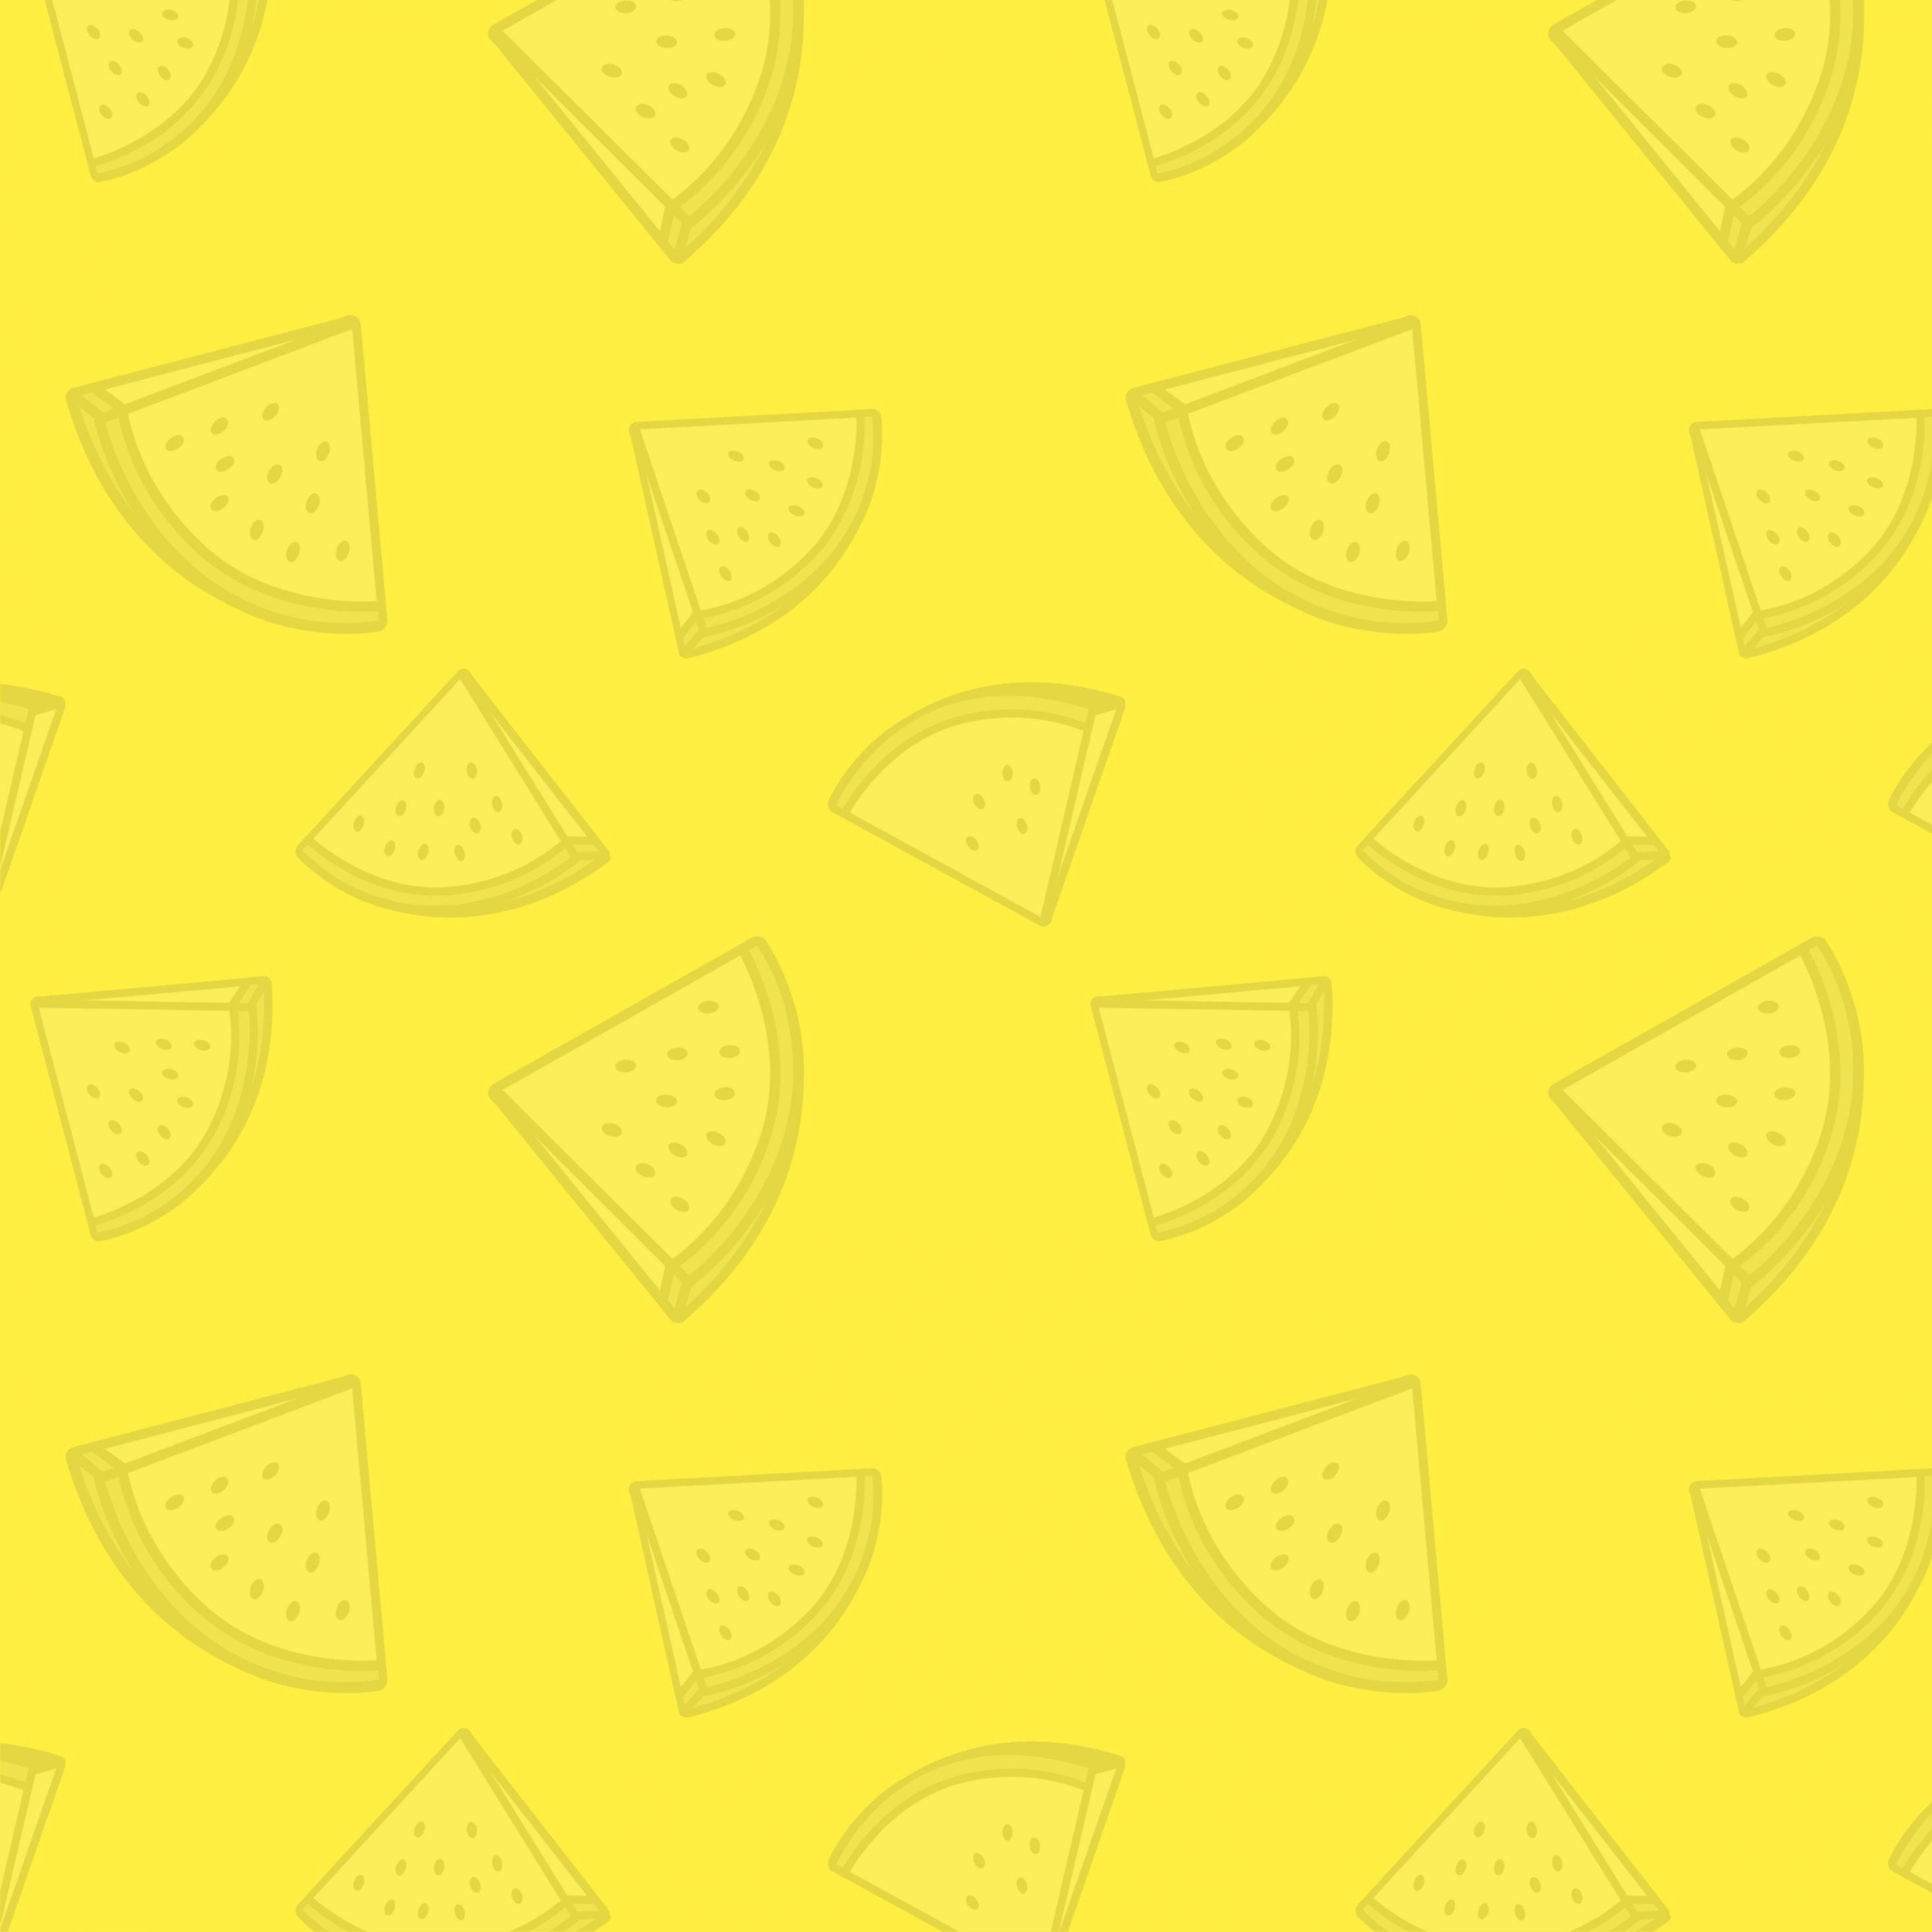 2934x2934 iOS iPad wallpaper 4k Watermelon Pattern Yellow iPad Wallpaper 2934x2934 pixels resolution